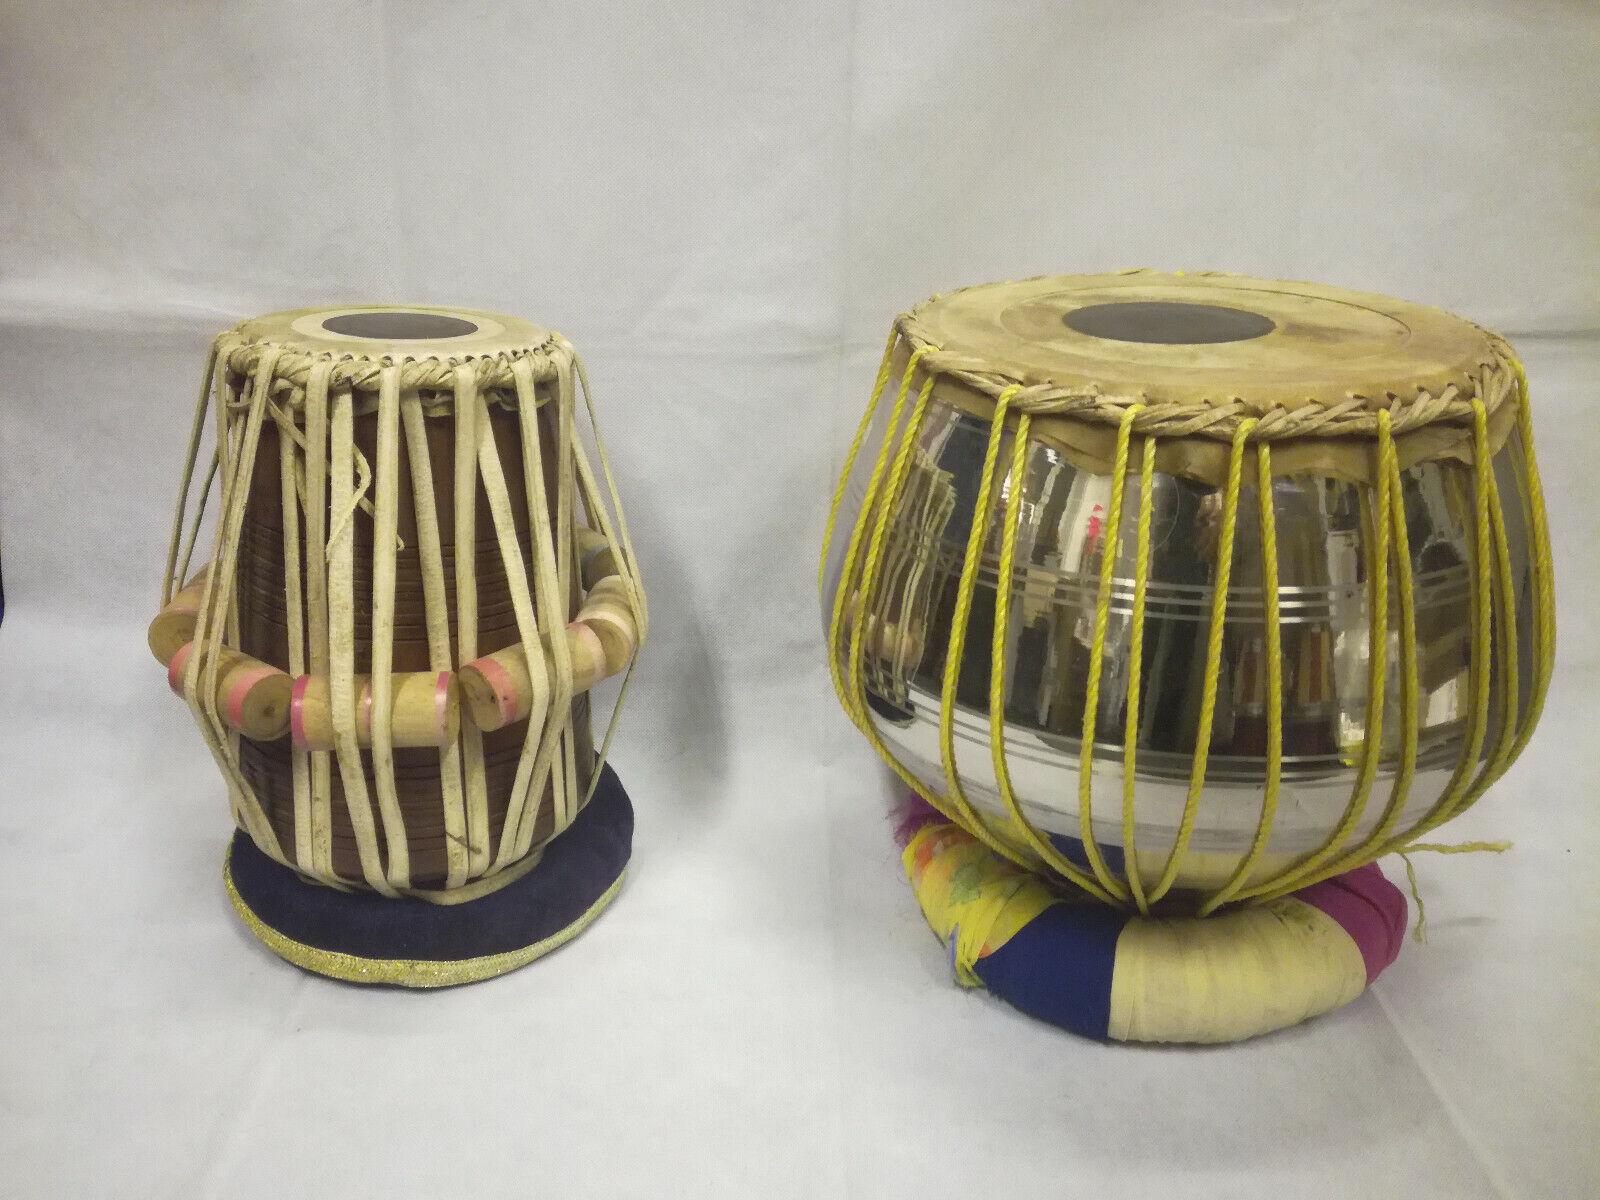 Indische TABLA Trommel DRUMS SET ORIGINAL INDIA BAYAN 24x26 cm, DAYAN 13x25 cm